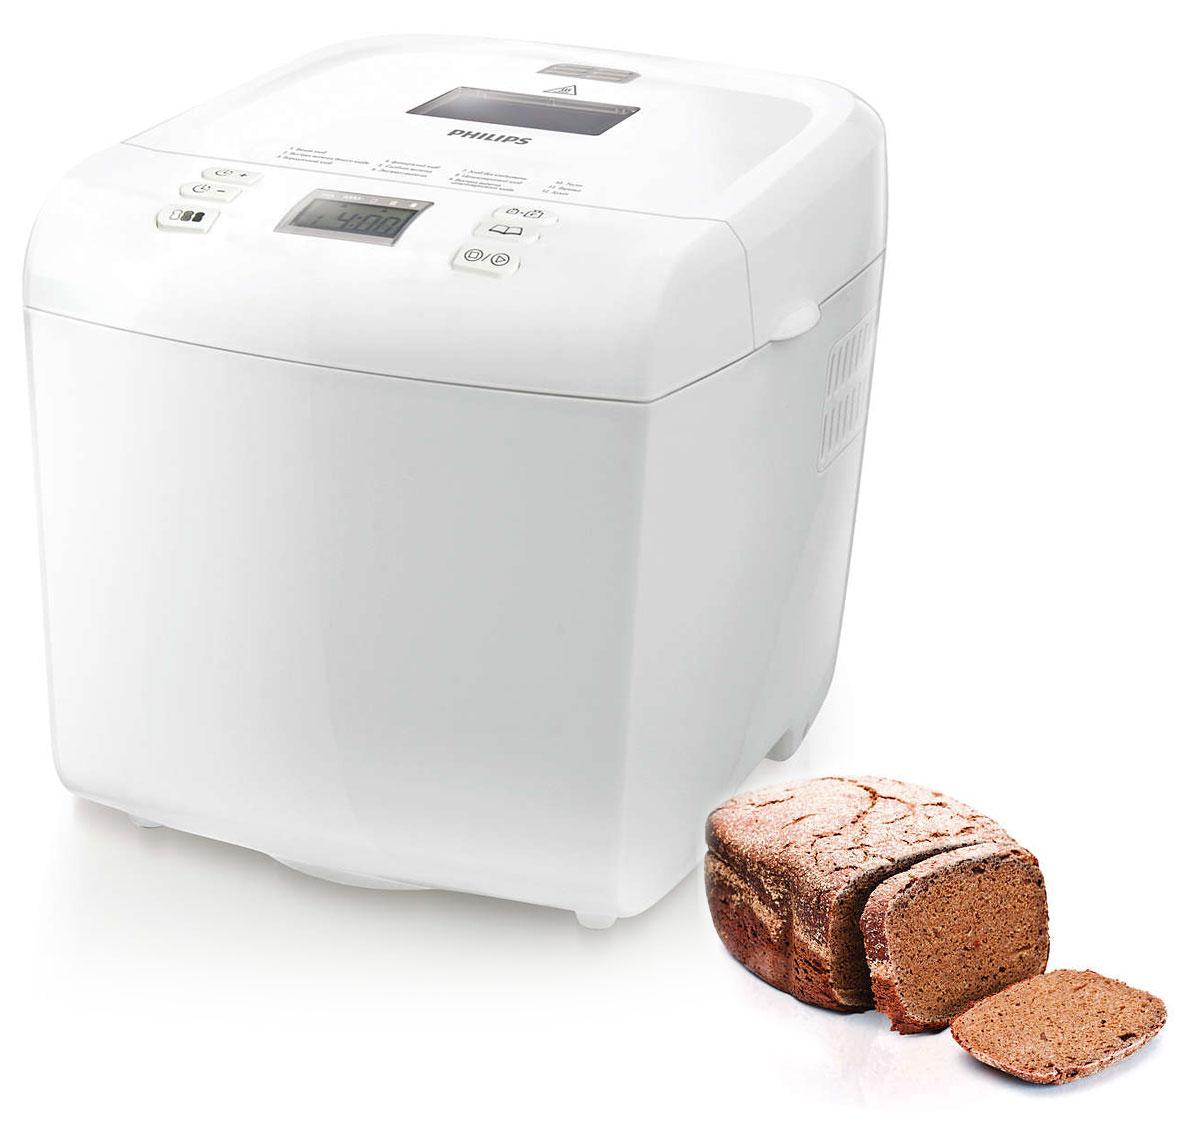 Philips HD9015/30, White хлебопечьHD9015/30Вы полюбите этот незабываемый запах свежего теплого хлеба по утрам! Все так просто... вечером добавьте ингредиенты, установите таймер отсрочки старта на утро, и хлебопечь Philips HD9015/30 сделает все сама.Благодаря усовершенствованной системе контроля температуры хлебопечь Philips HD9015/30 позволяет испечь хлеб на любой вкус — просто нажмите нужную кнопку на панели управления, и вы получите выпечку со светлой, золотистой или темной корочкой. Наслаждайтесь незабываемым вкусом и неповторимым запахом свежего теплого хлеба по утрам — отличное начало дня! Просто установите перед сном таймер отсрочки старта на нужное время, и, пока вы спите, хлебопечь испечет превосходный свежий хлеб к вашему завтраку.Во время замешивания теста хлебопечь издает звуковой сигнал, сообщающий о том, что можно добавить дополнительные ингредиенты. Хлебопечь отличается продуманным дизайном и работает тихо (65 дБа). Компактная форма позволяет разместить ее на любой современной кухне.Хлебопечь Philips HD9015/30 оснащена 12 простыми программами для выпечки любой сложности — от полезного цельнозернового до французского хлеба, хлеба без глютена и сладкой выпечки. В ней также можно приготовить прекрасное пресное тесто или даже варенье. С хлебопечью Philips выпечка всегда вкусна и проста в приготовлении. С помощью программ можно установить оптимальную температуру и время приготовления для различных видов выпечки. Если у вас мало времени, можно воспользоваться программой быстрого выпекания или даже экспресс-выпекания, при которой выпечка будет готова через один час. Съемная крышка служит для легкой очистки устройства.Нескользящие ножкиВключение одним нажатиемВремя сохранения хлеба теплым: 1 часКоличество часов таймера задержки: 13Термоизолированный корпусСигнал добавления ингредиентовРазмер выпечки: 750 г, 1 кгСтепени подрумянивания: 3